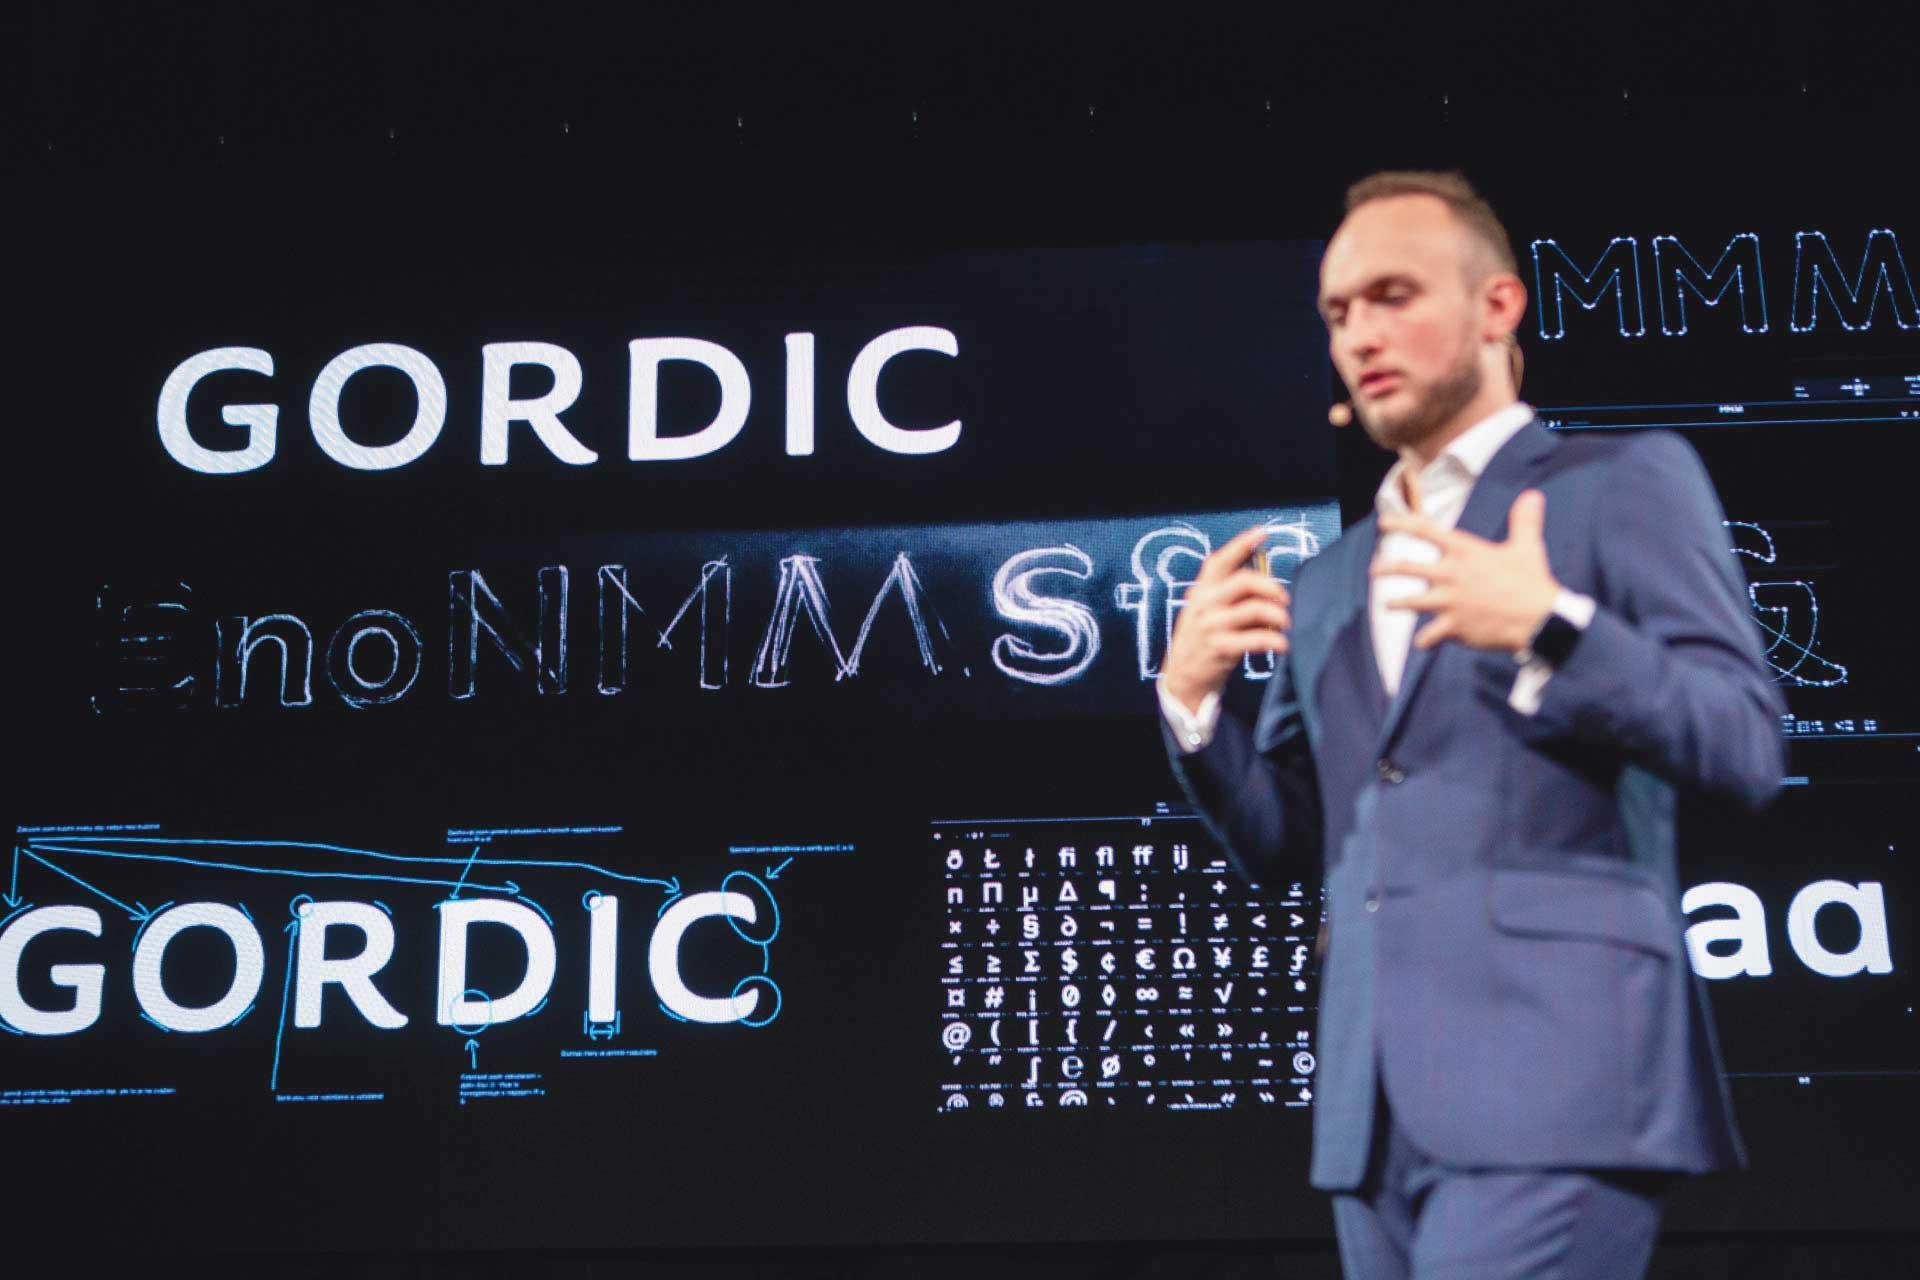 Zástupce firmy Gordic přednáší